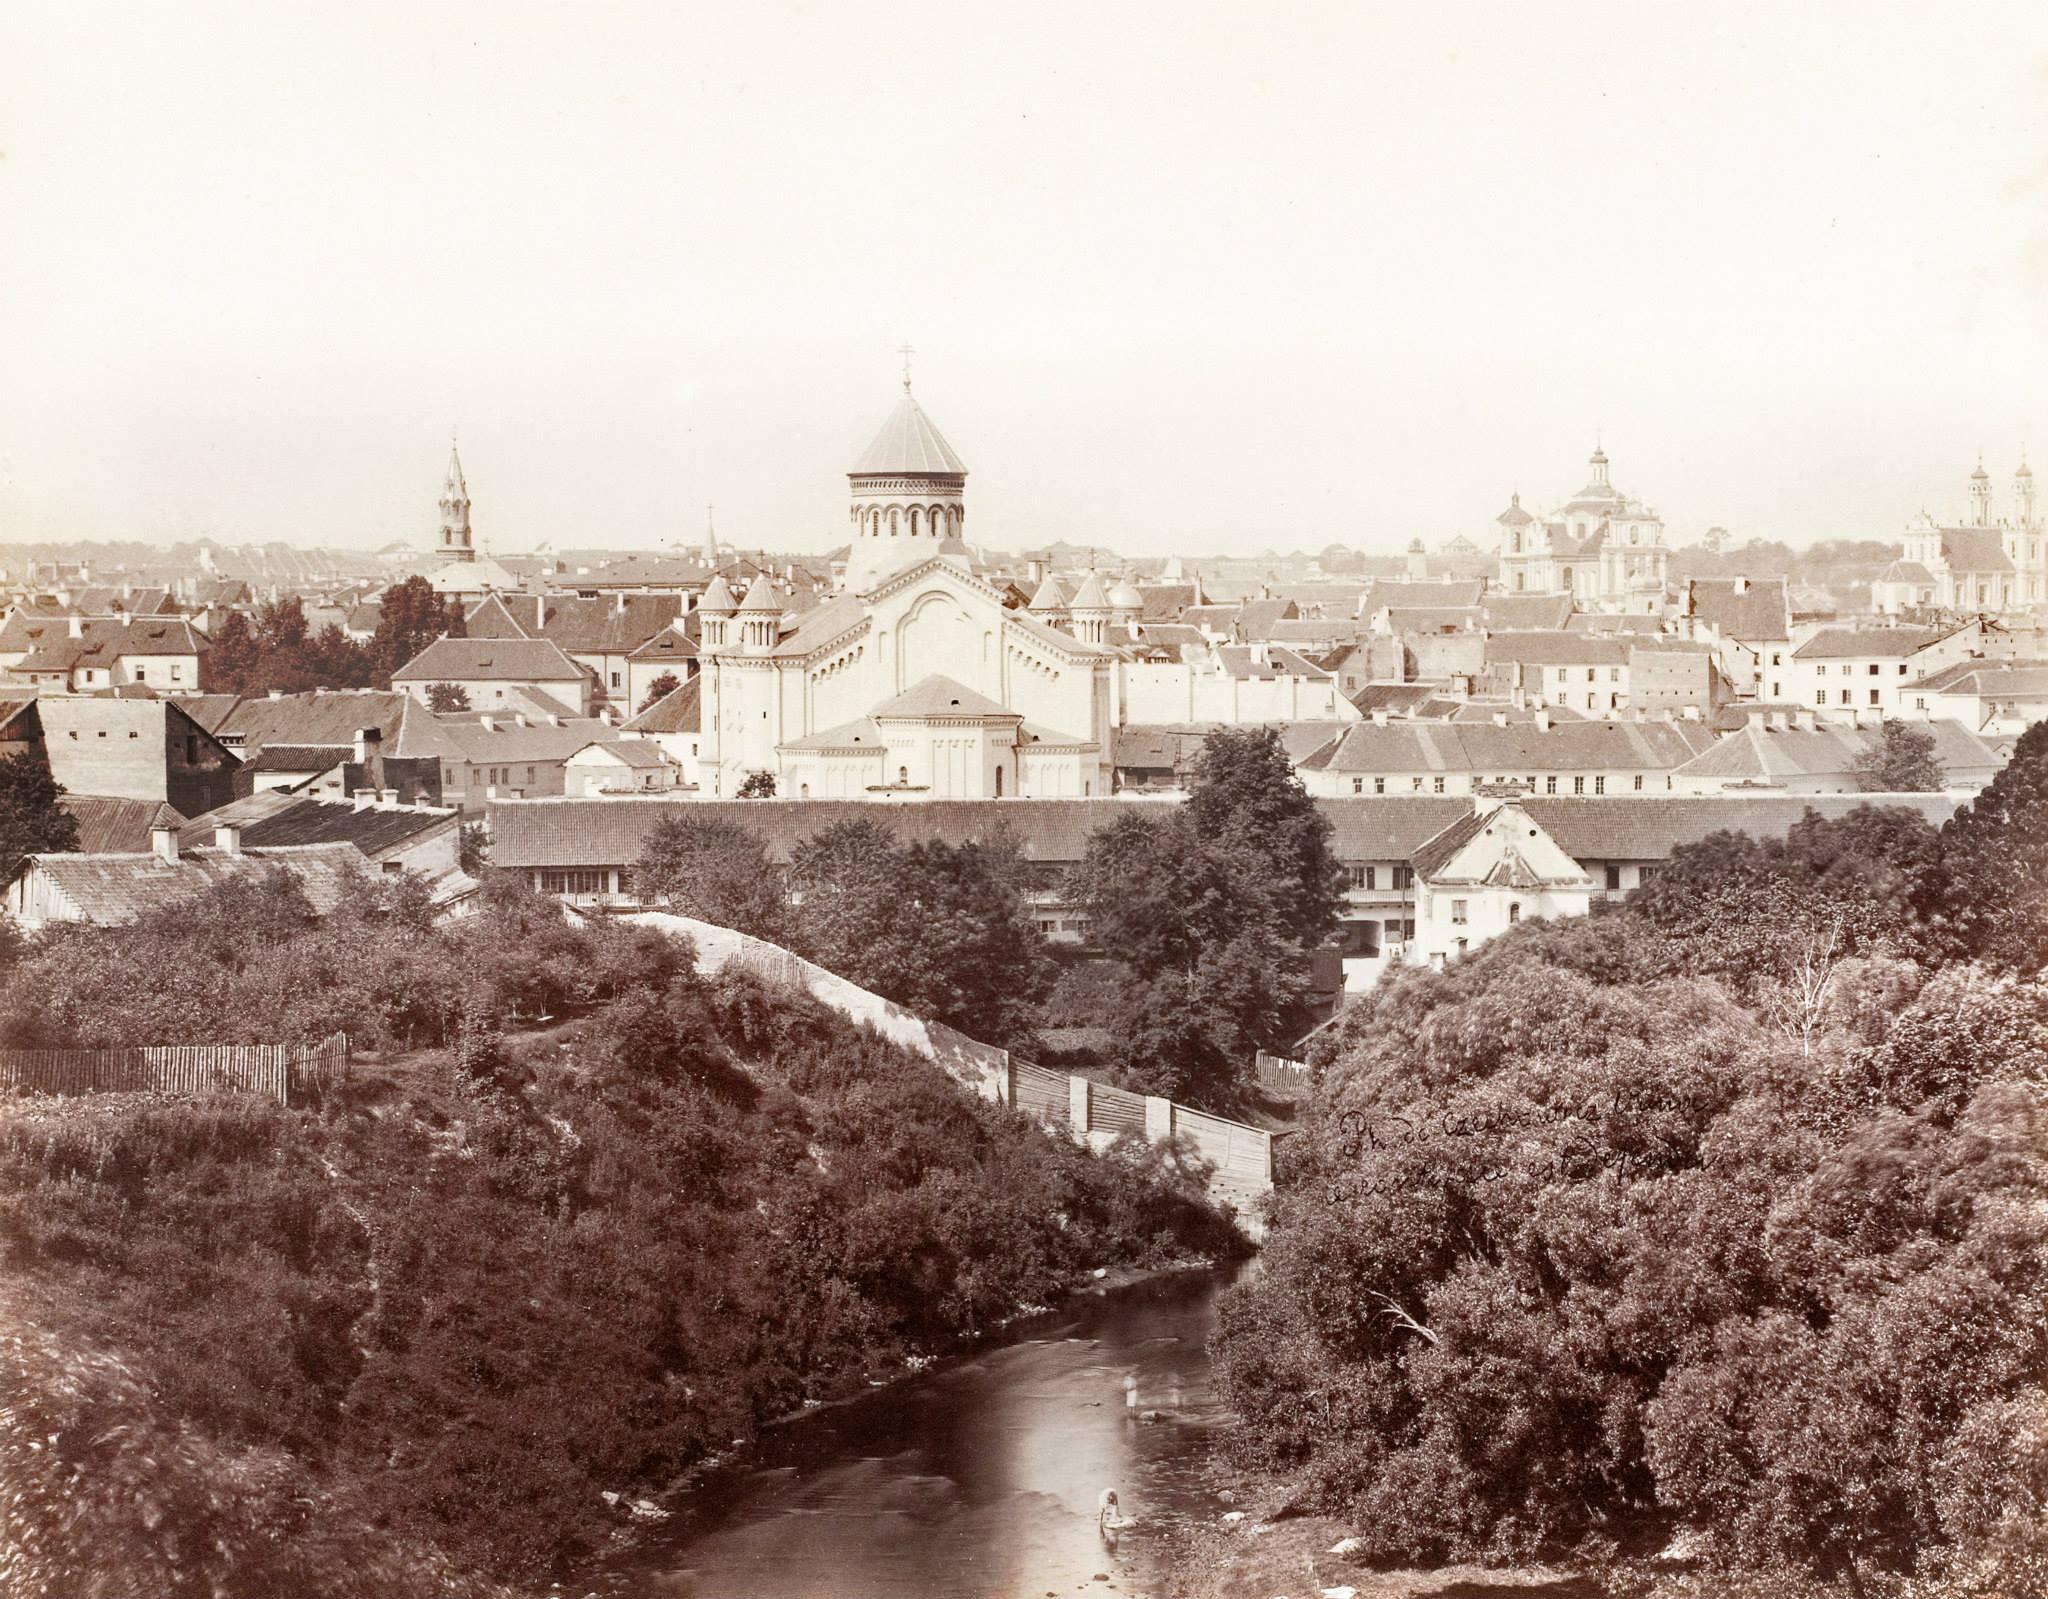 Панорама с храмом Пресвятой Богородицы. 1873